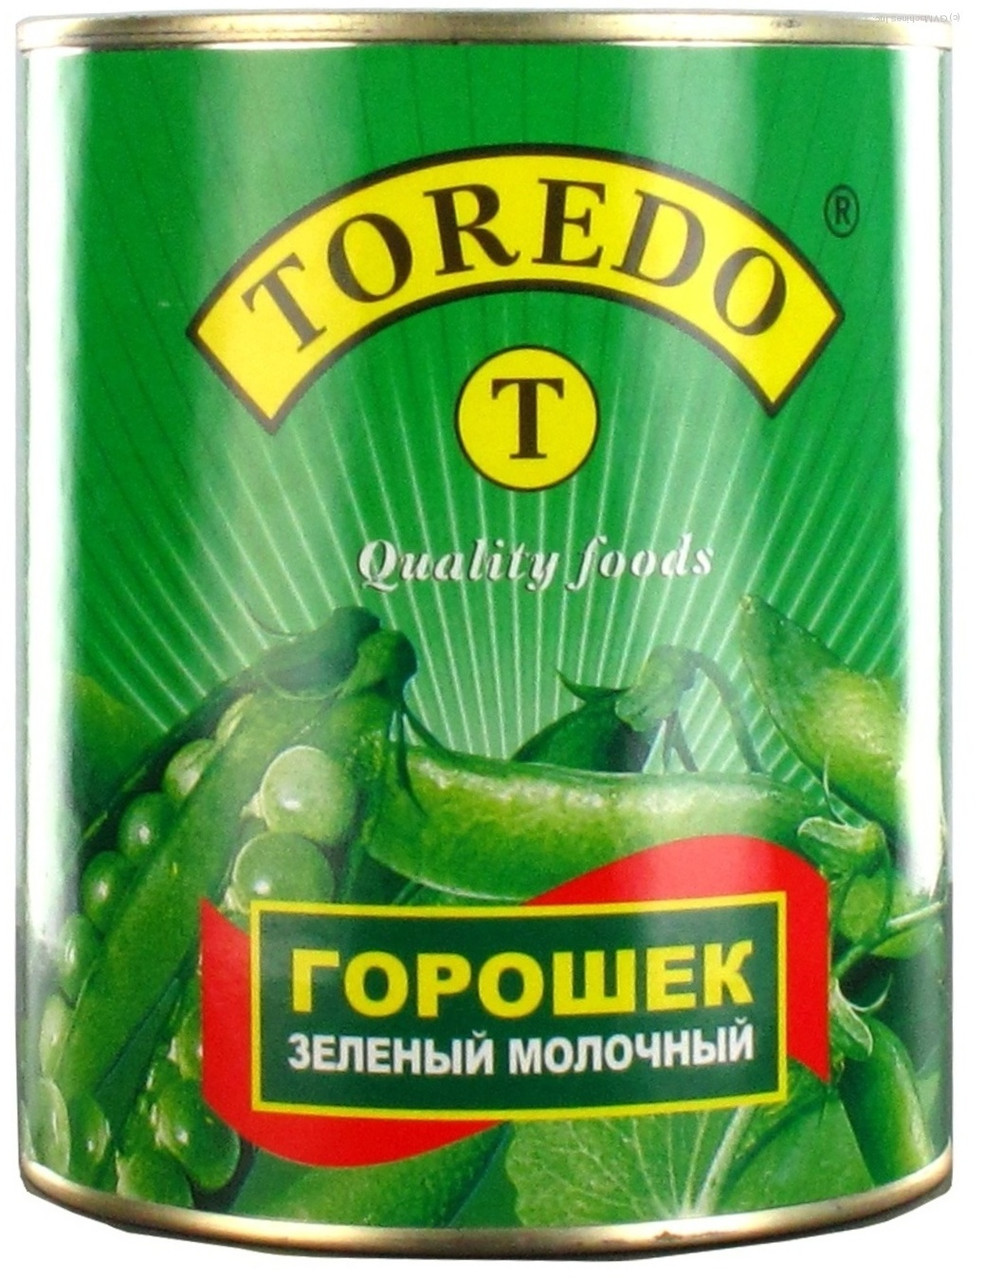 Зелённый горошек 425 грамм ТМ TOREDO